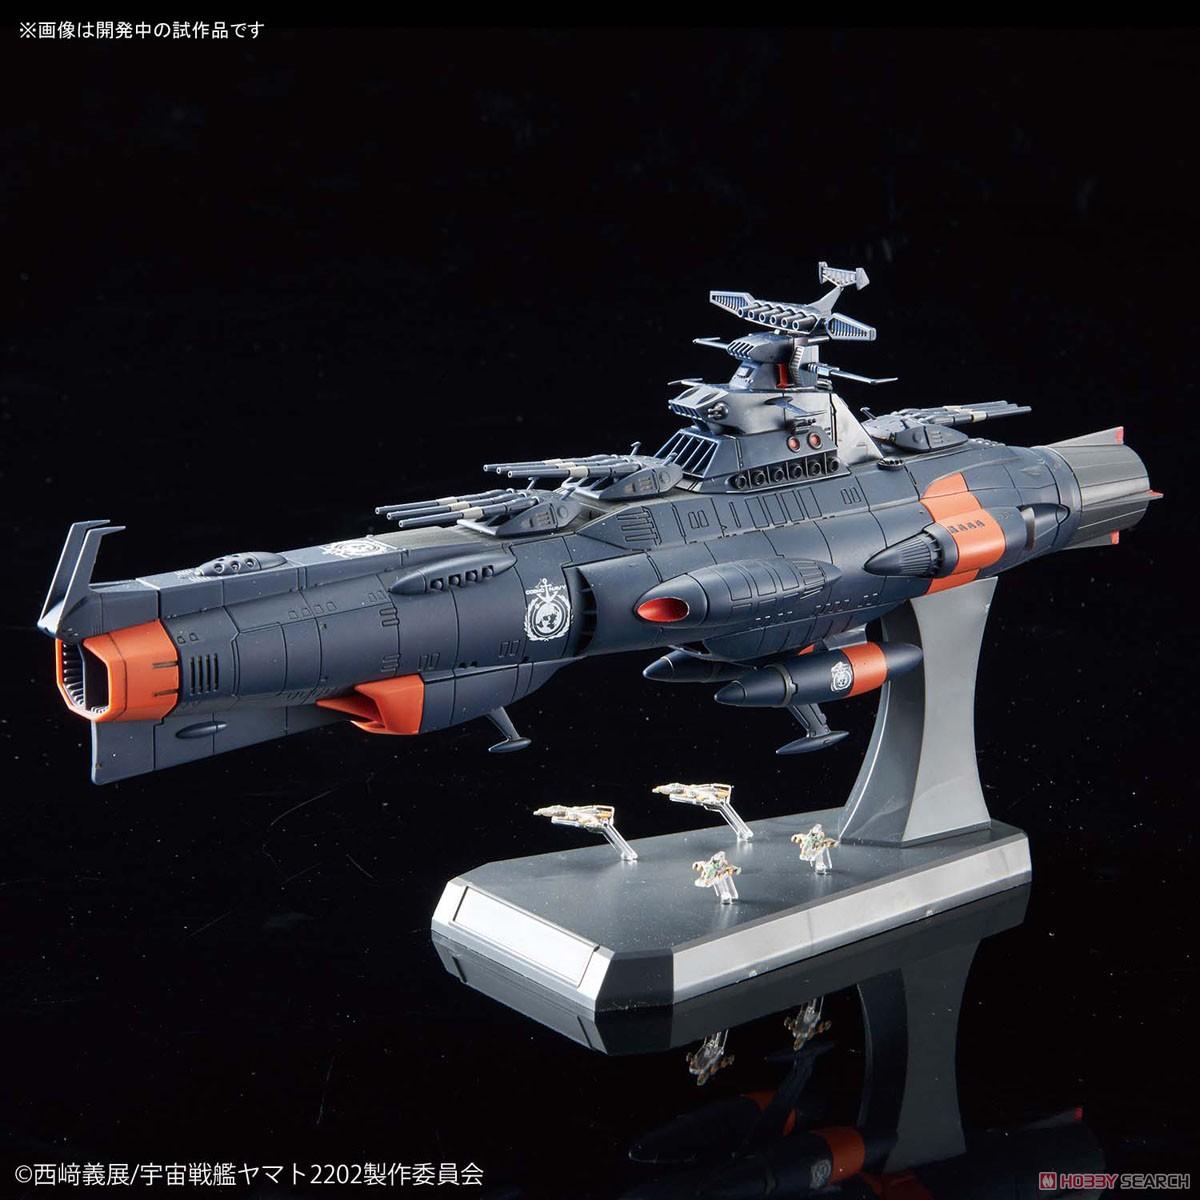 地球連邦主力戦艦 ドレッドノート級火星絶対防衛線セット (1/1000) (プラモデル)